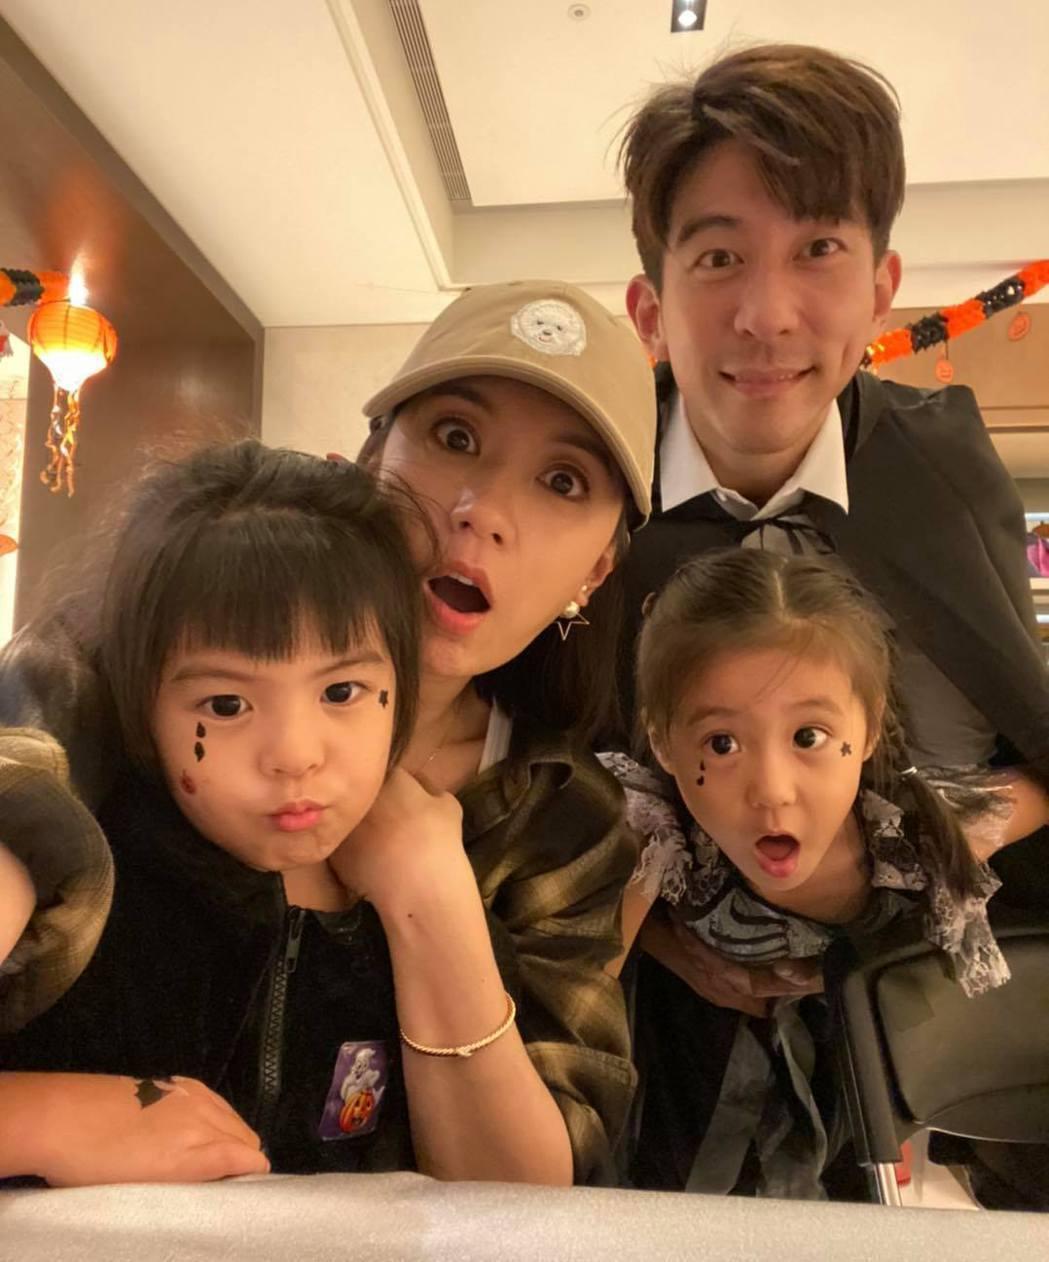 修杰楷、賈靜雯與女兒咘咘、波妞。圖/摘自臉書